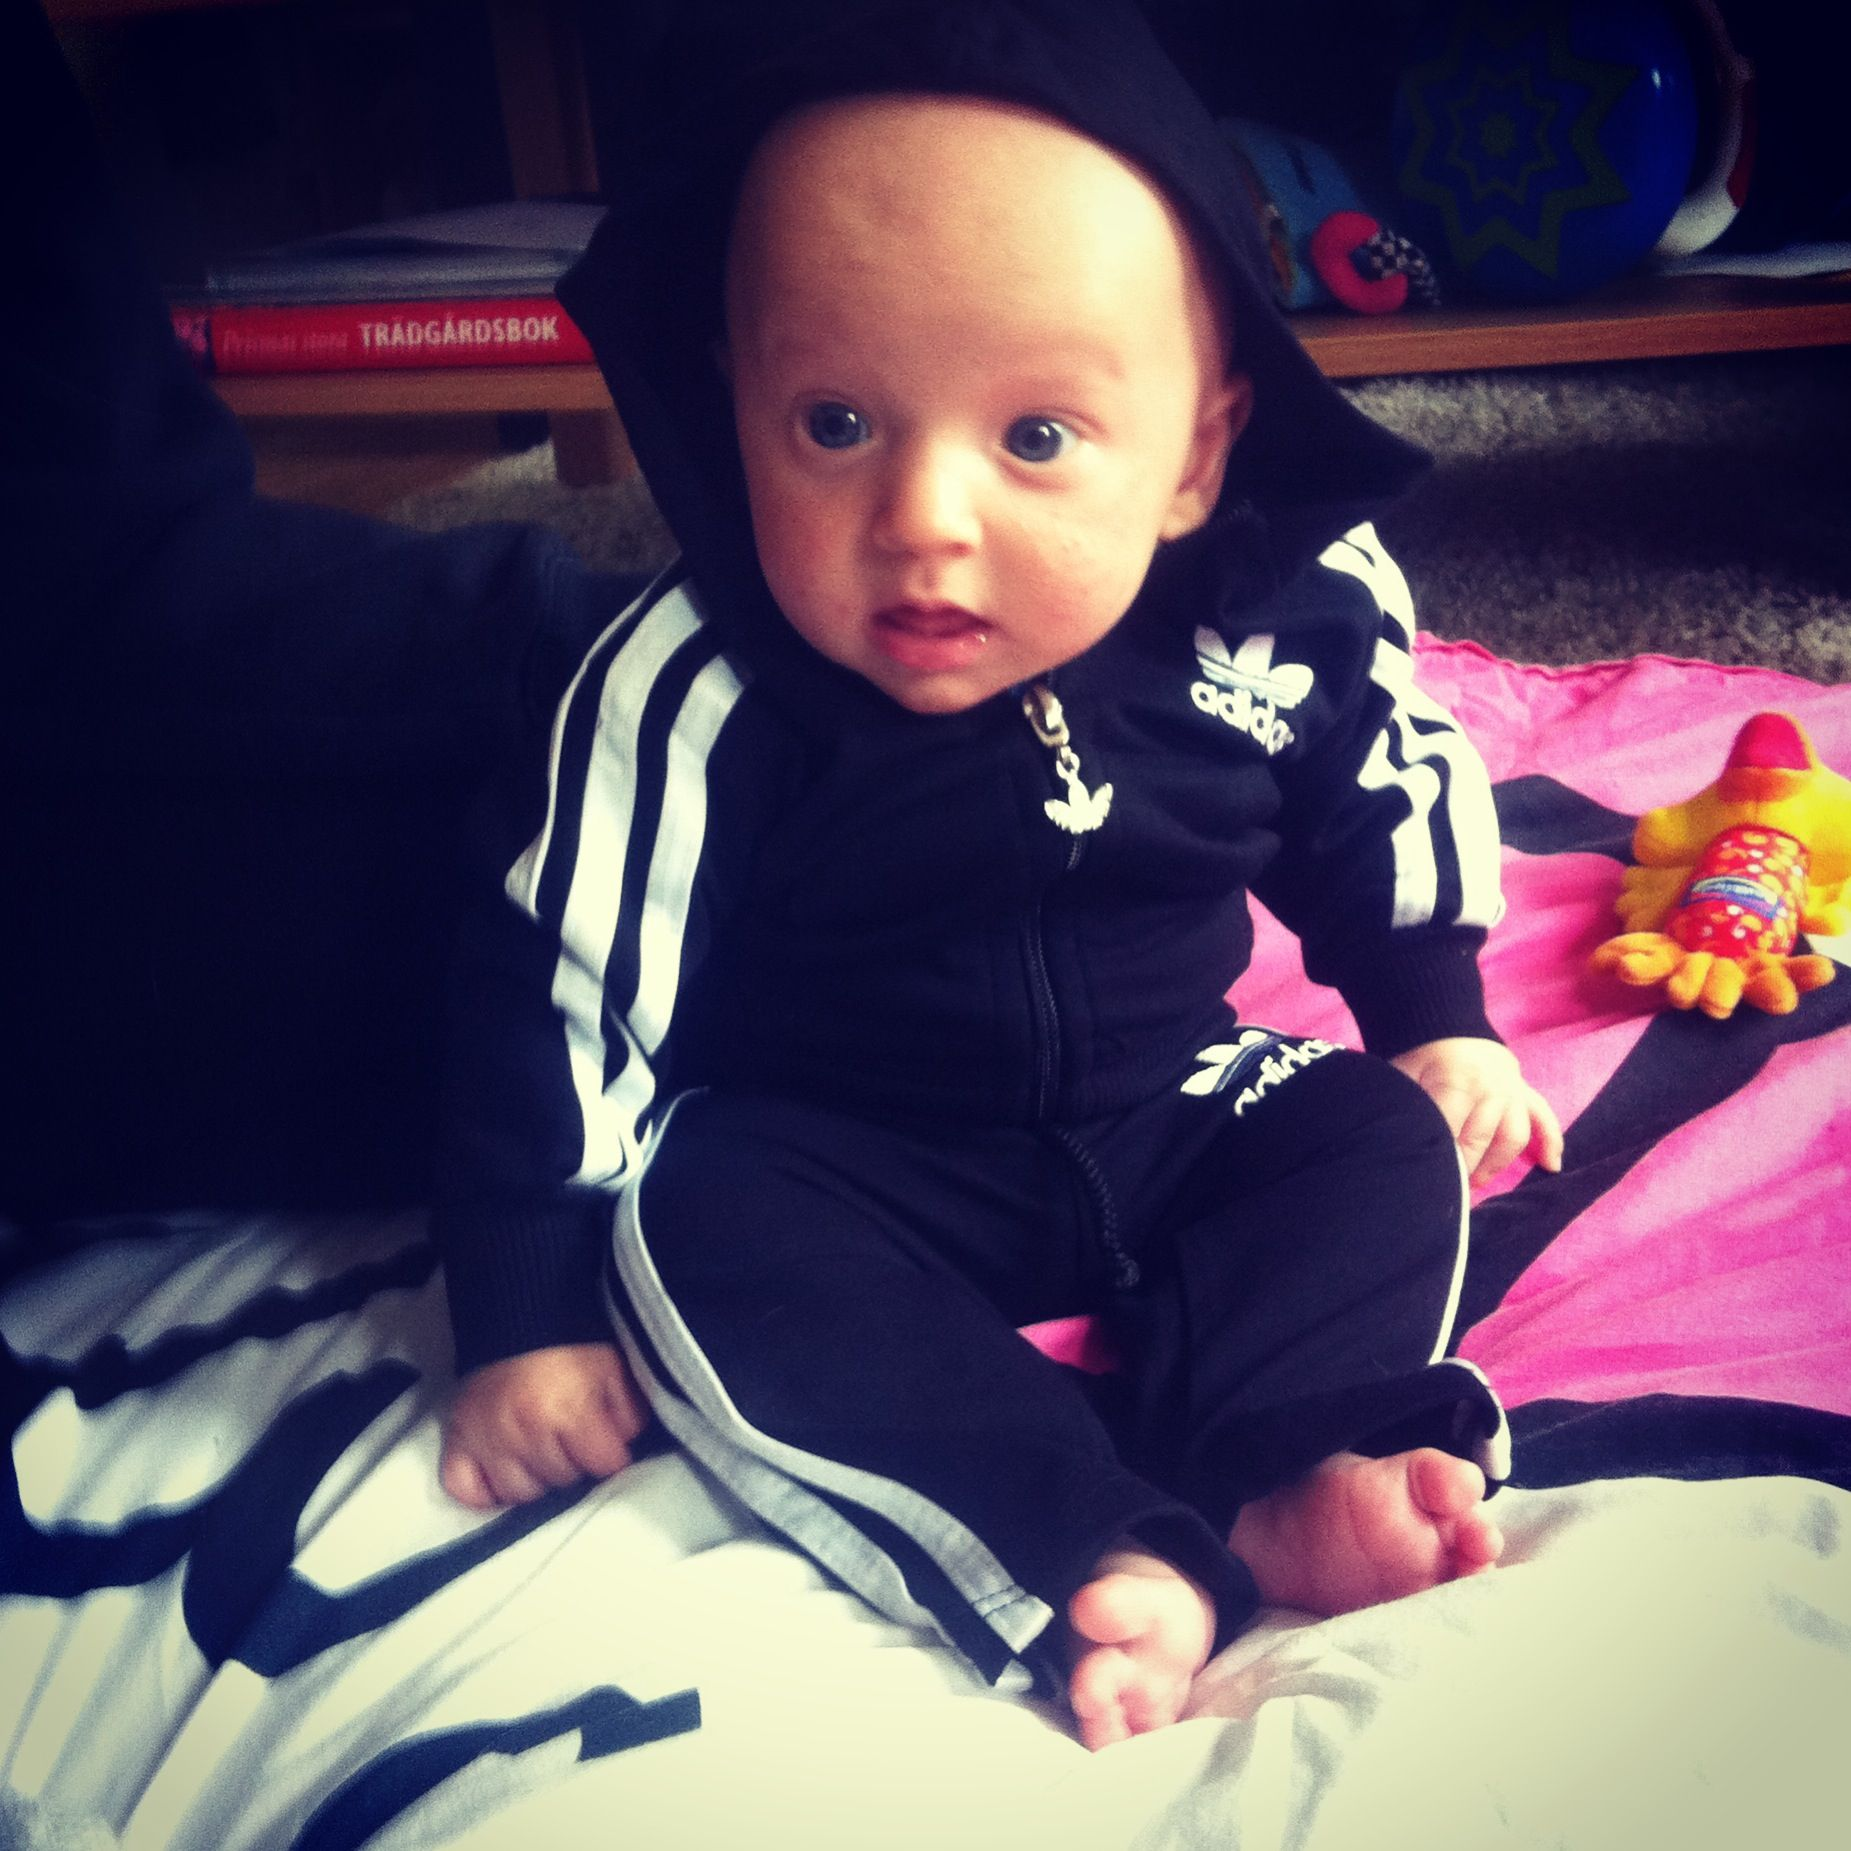 Cute baby boy in adidas dress